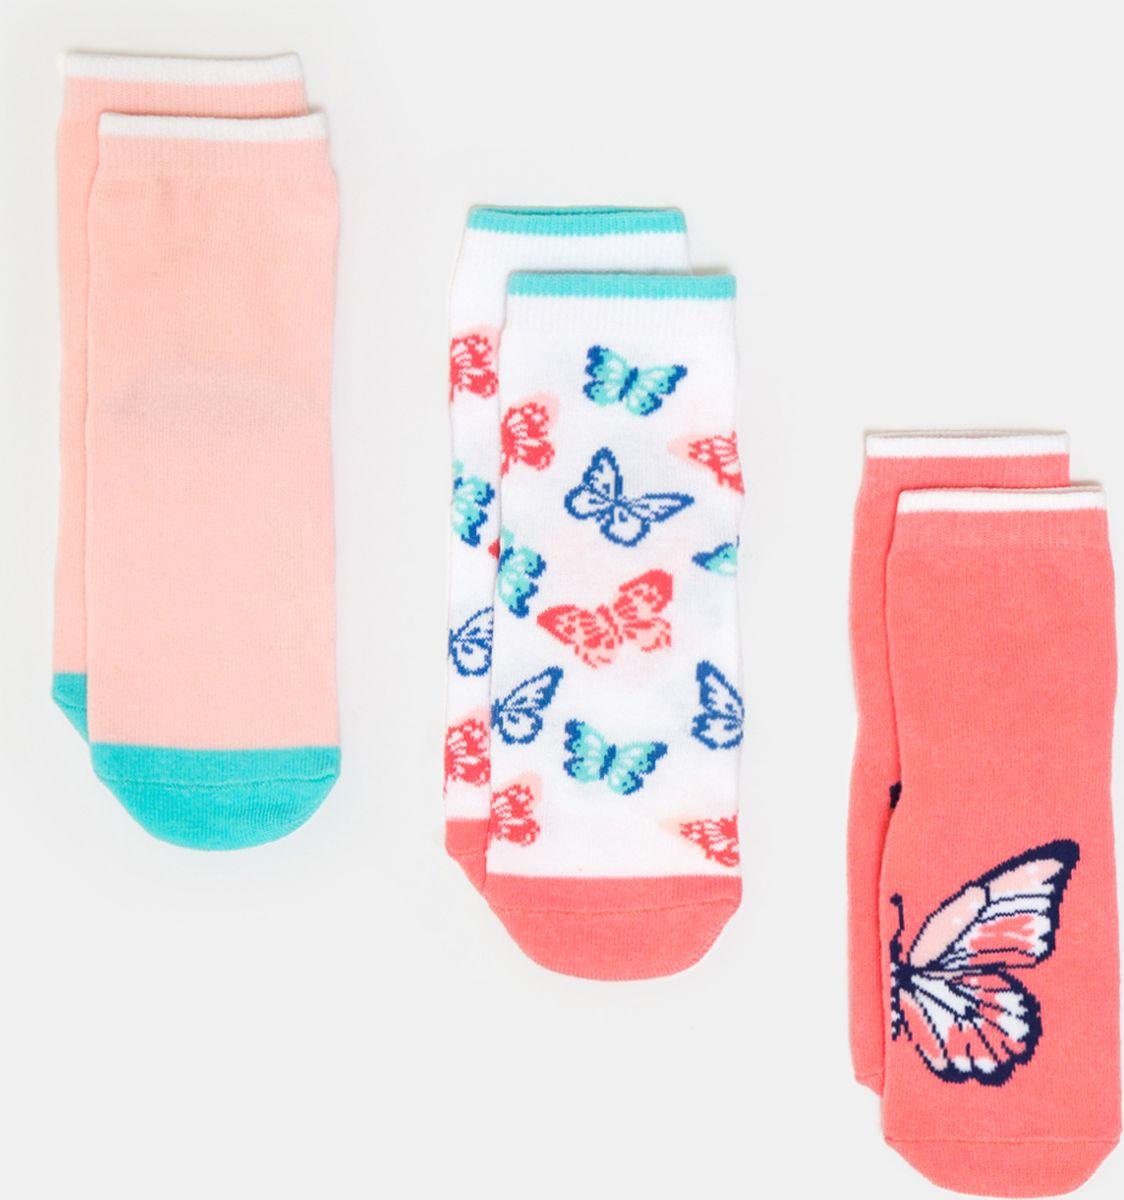 Носки для девочки infinity KIDS Avila, цвет: разноцветный, 3 пары. 32224420041_4400. Размер 20/22 носки 3 пары infinity kids для девочки цвет мультиколор